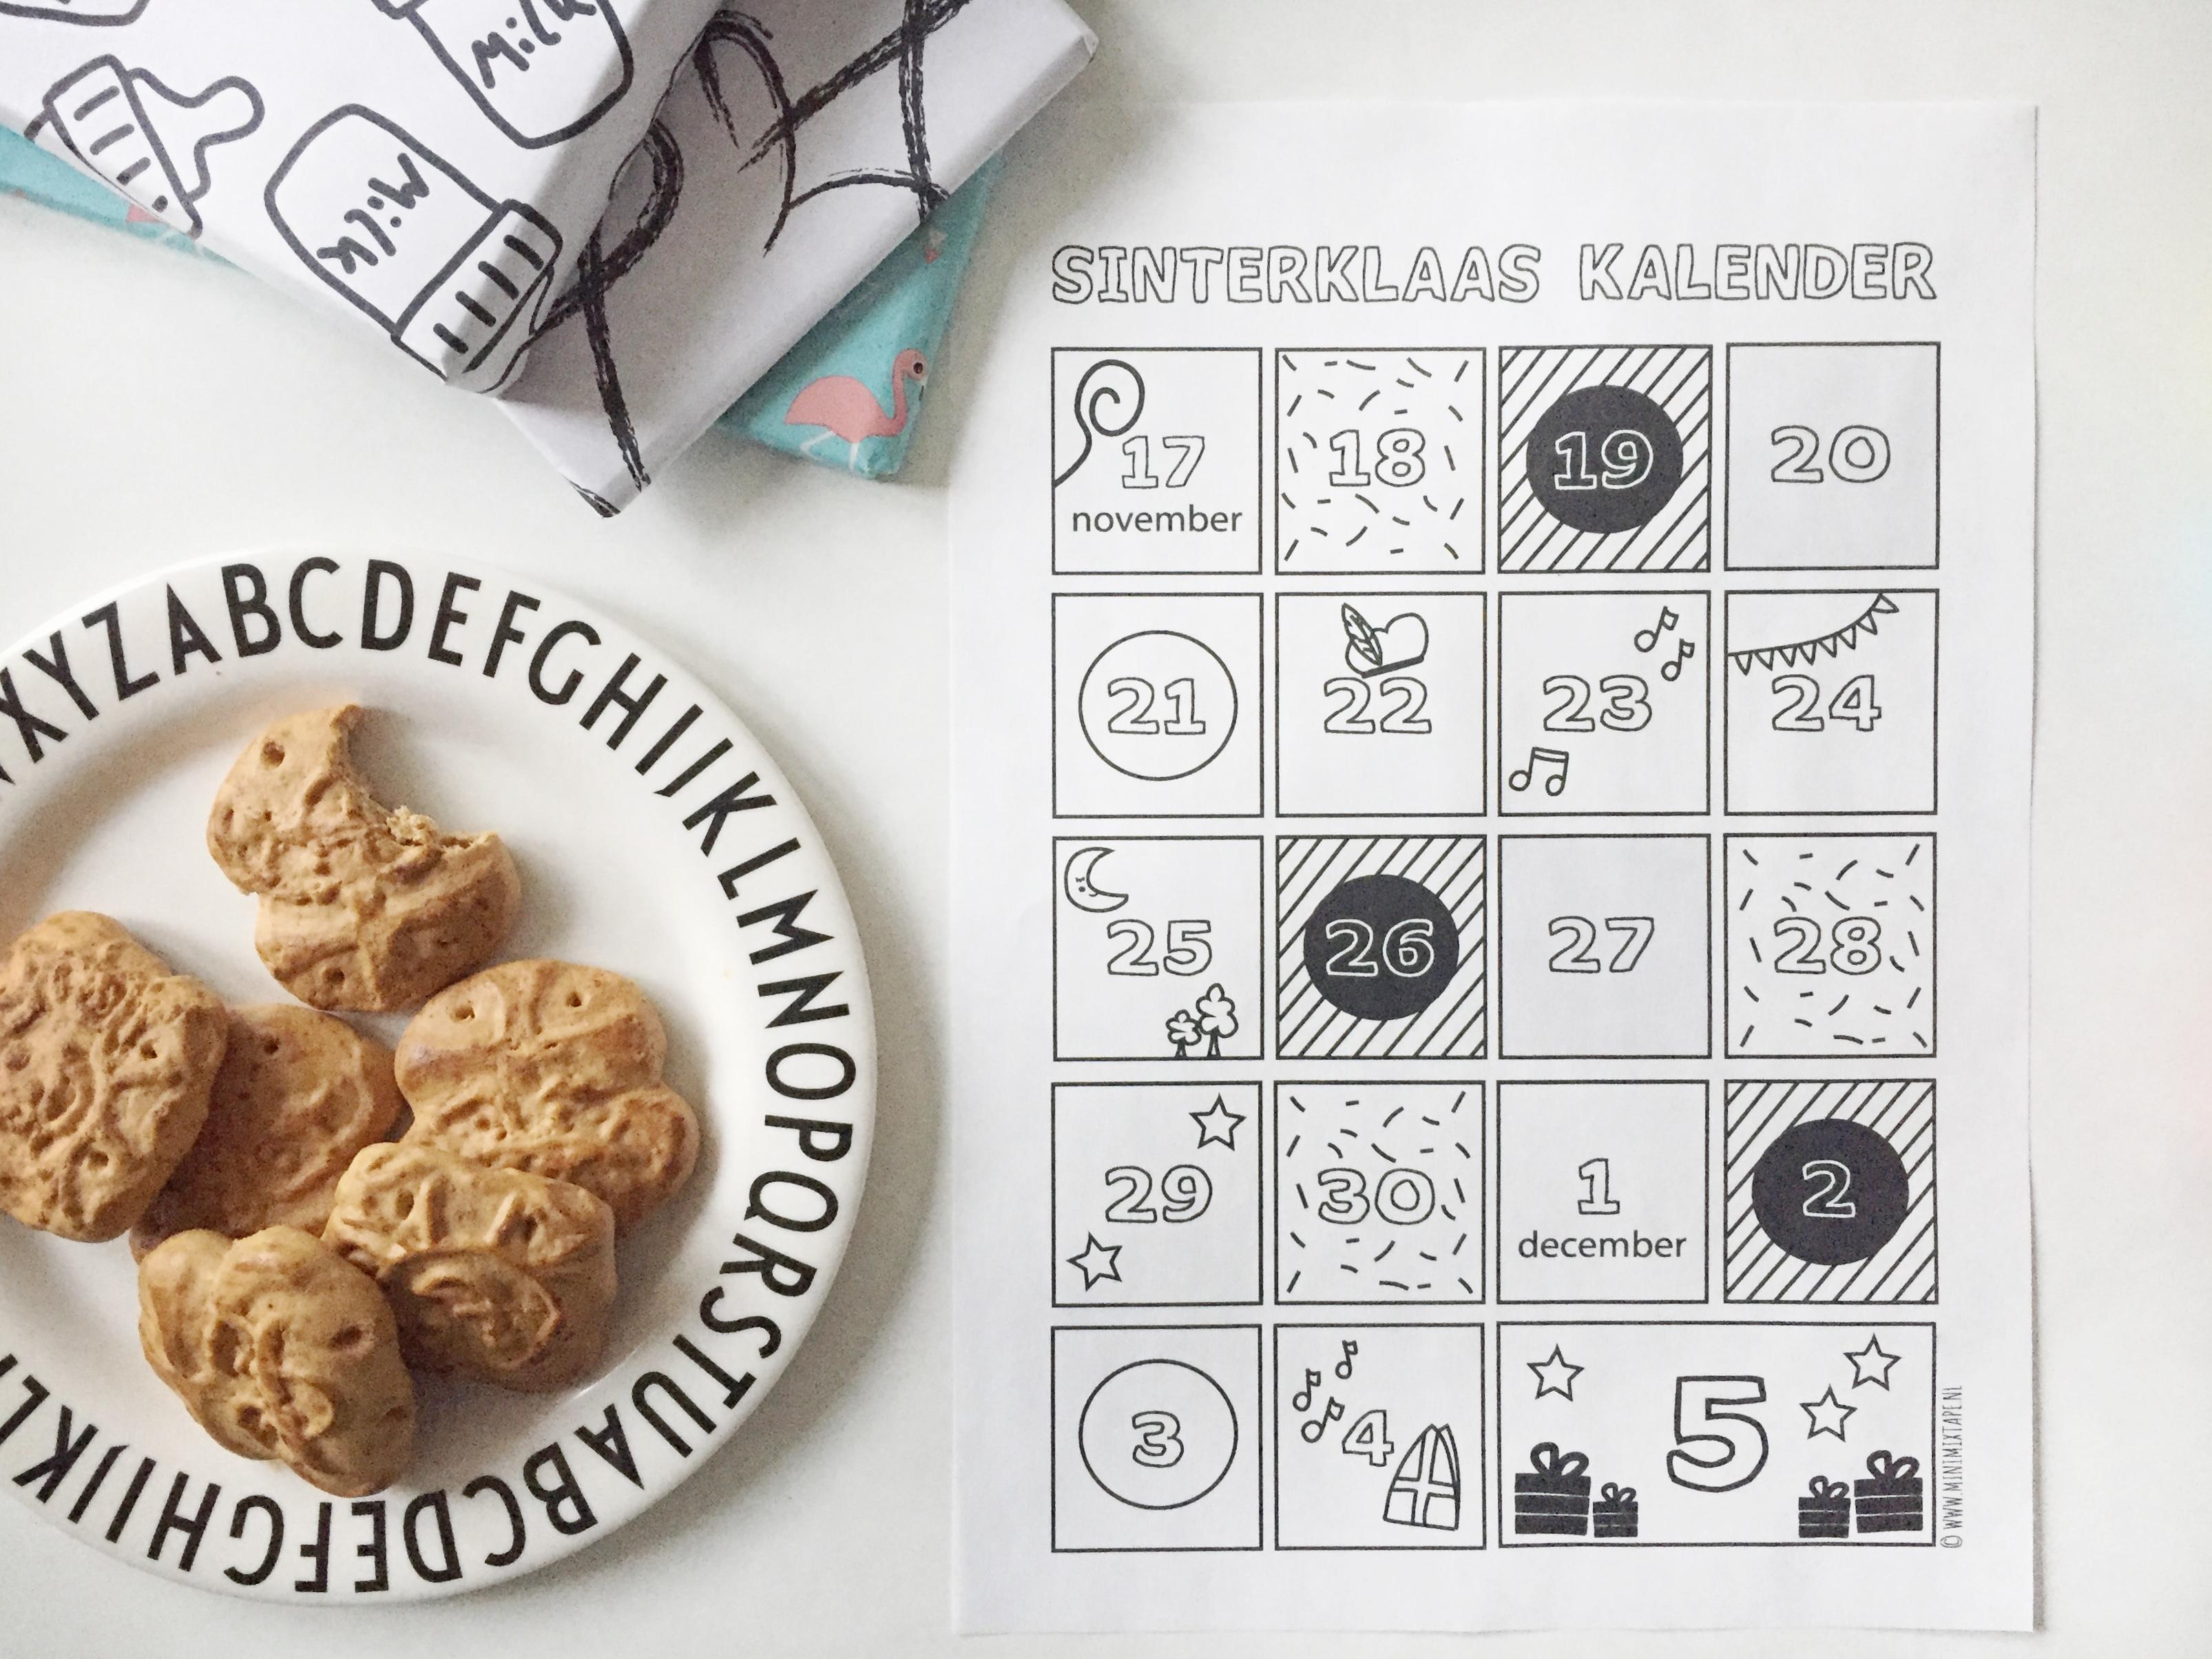 Aftelkalender Sinterklaas 2018 gratis